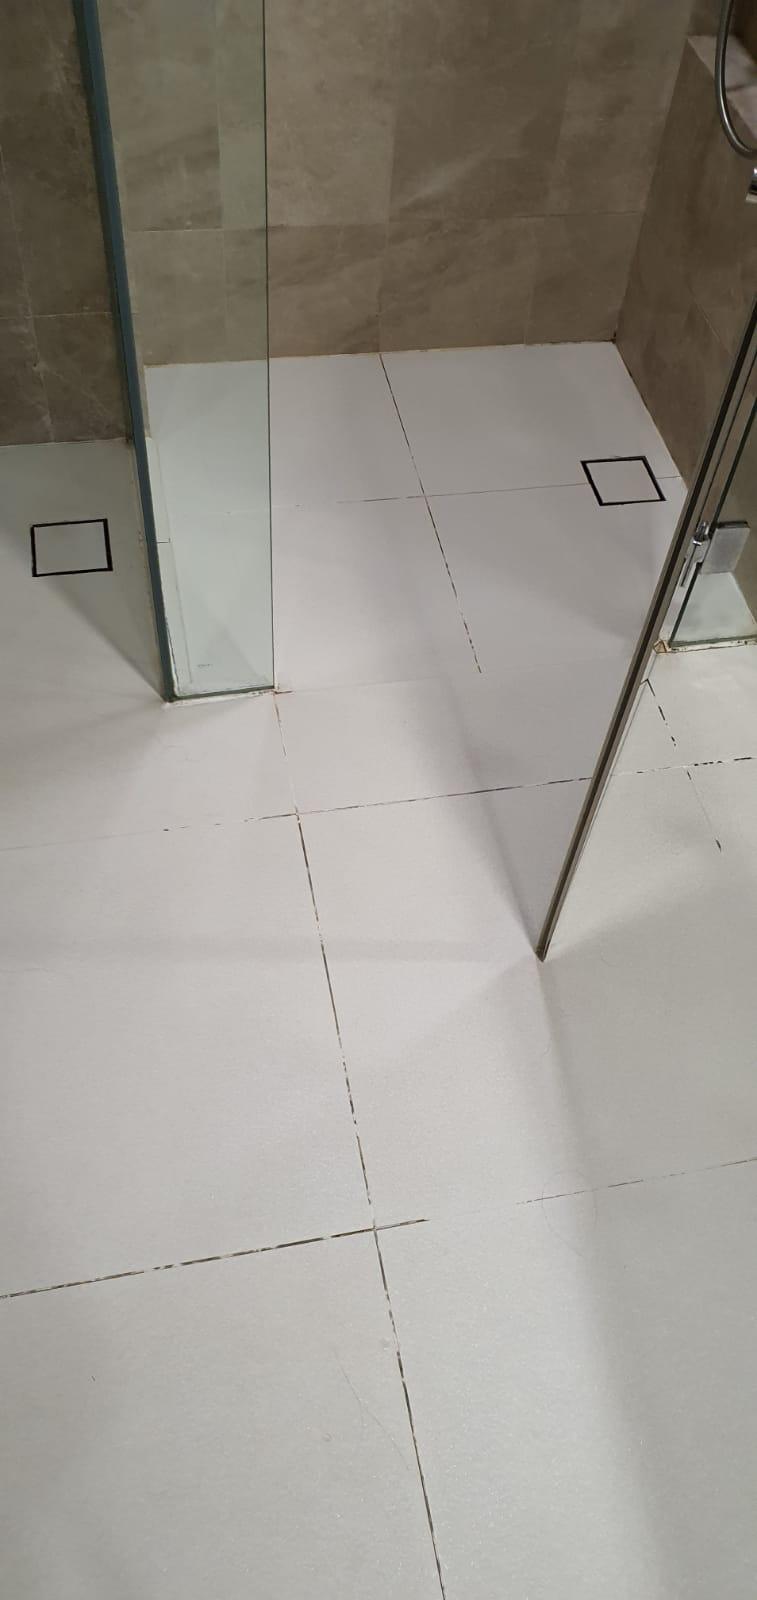 bto toilet